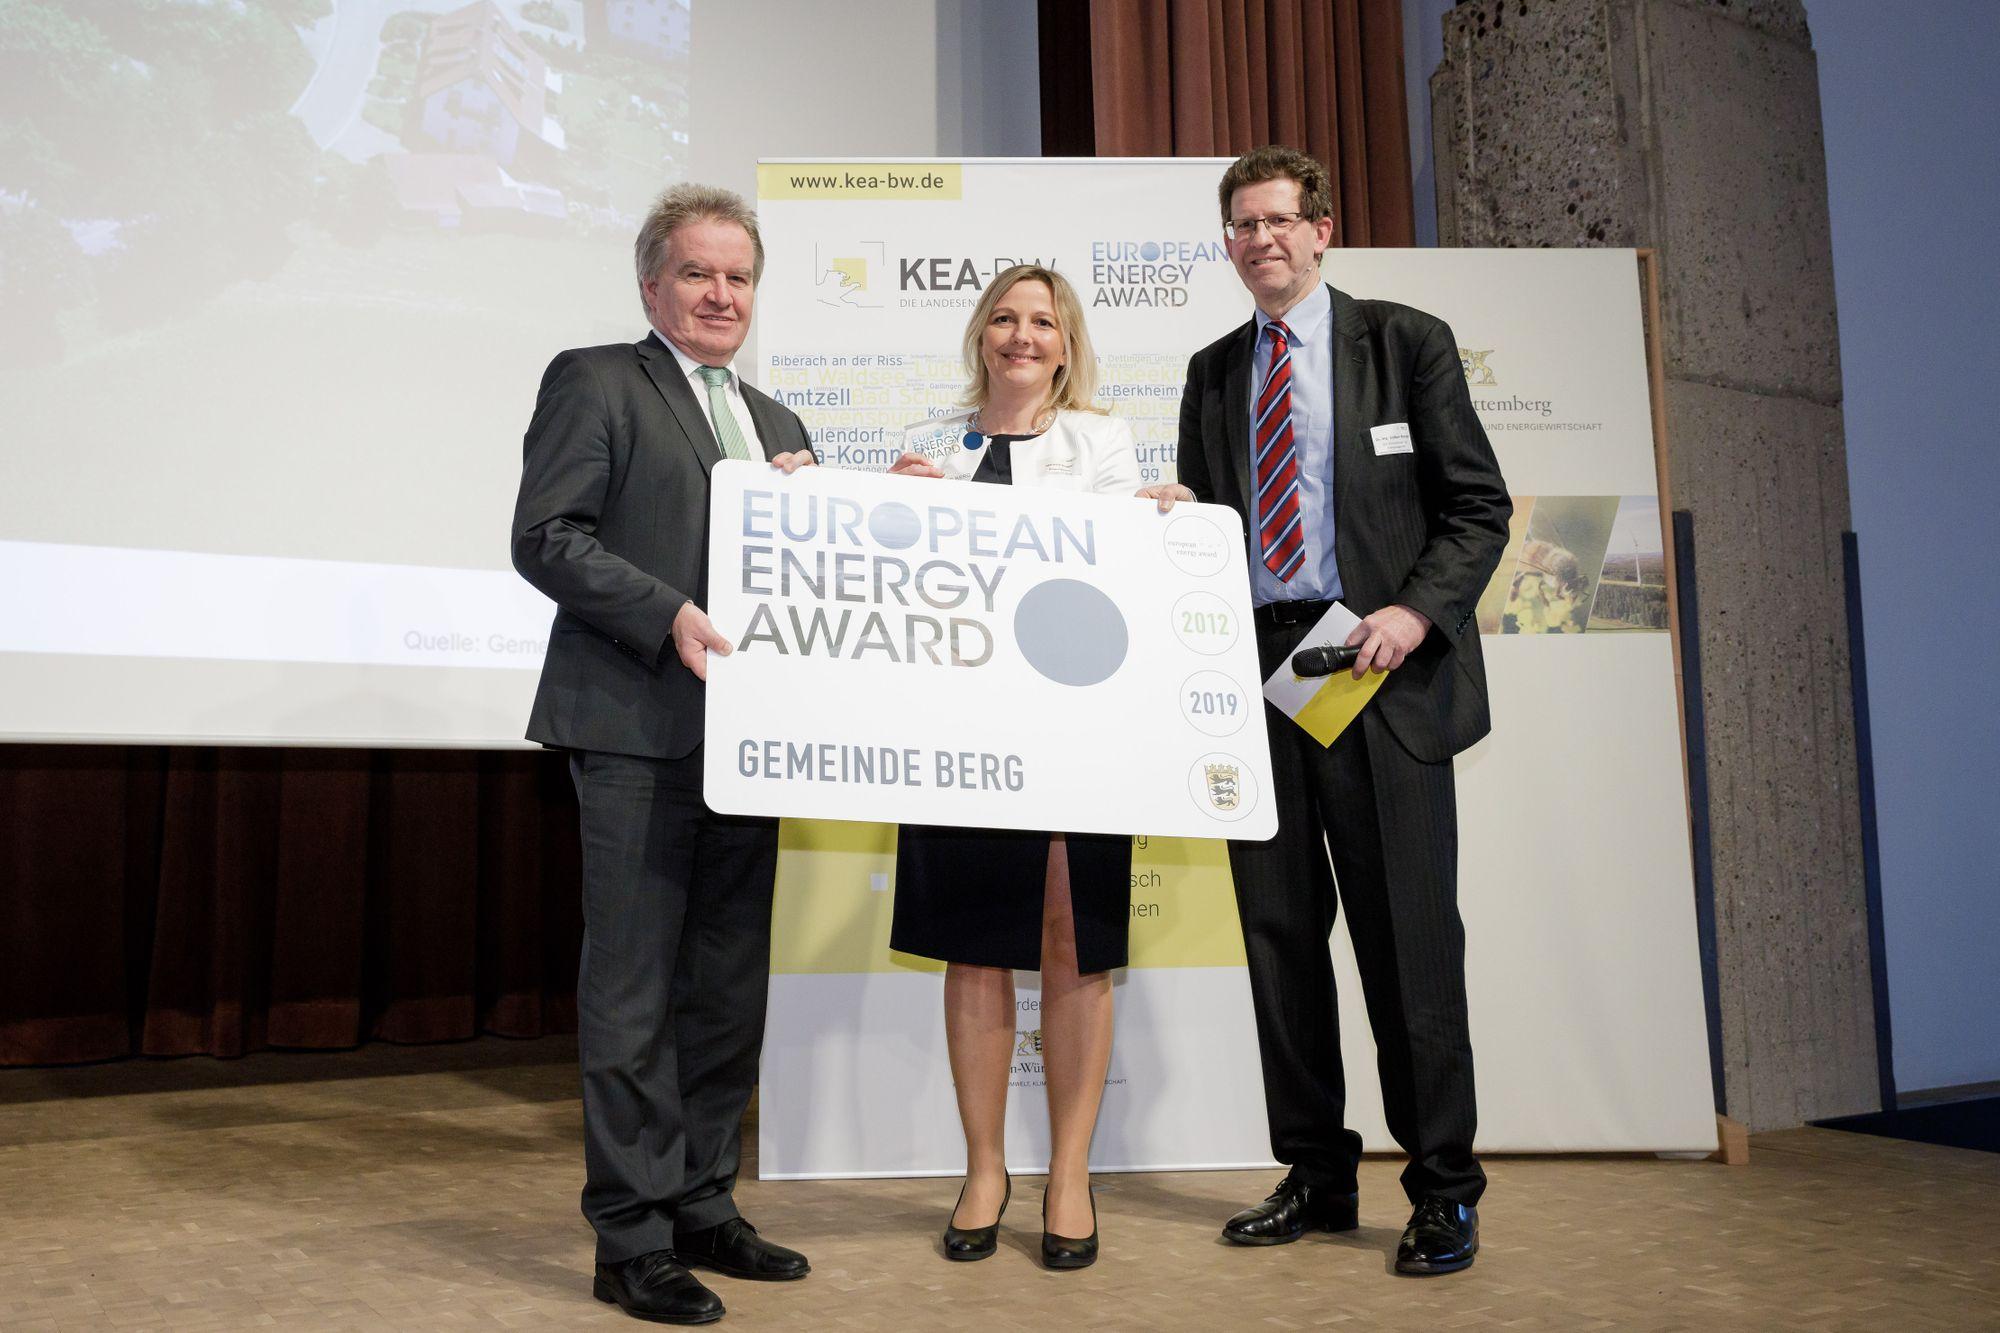 Von links nach rechts: Umweltminister Franz Untersteller, Bürgermeisterin Manuela Hugger und Dr. Volker Kienzlen